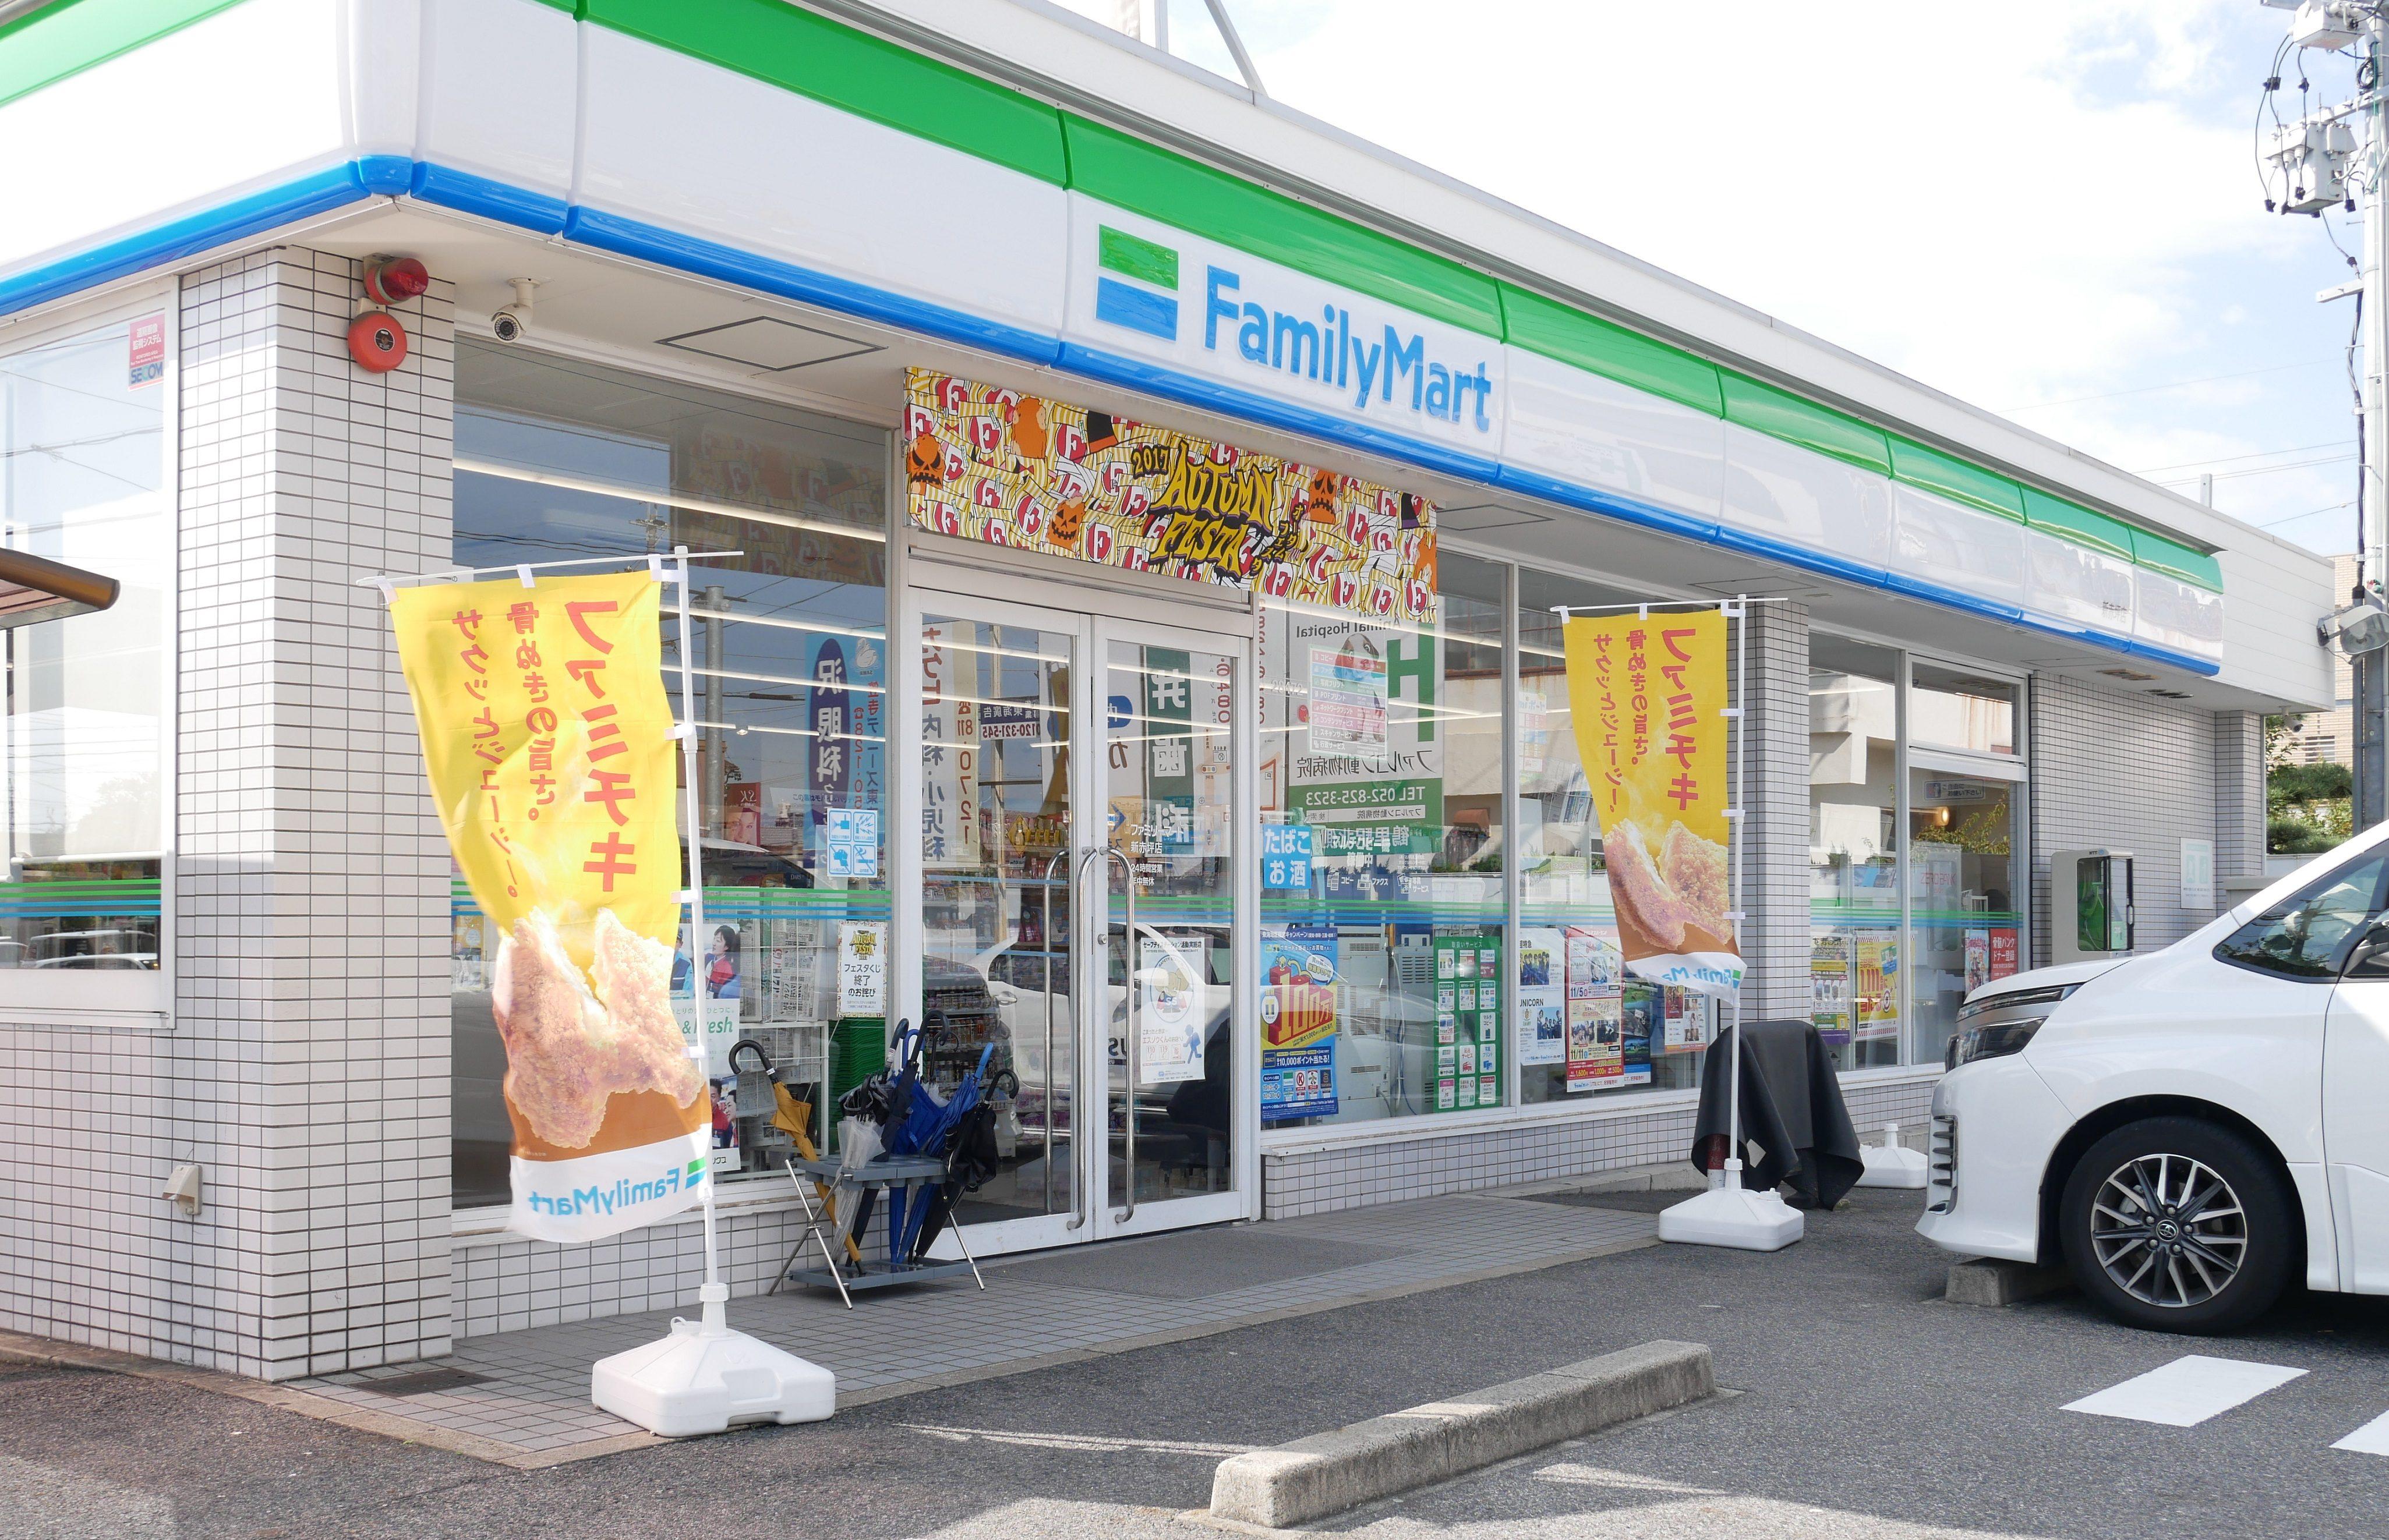 ファミリーマート新赤坪店